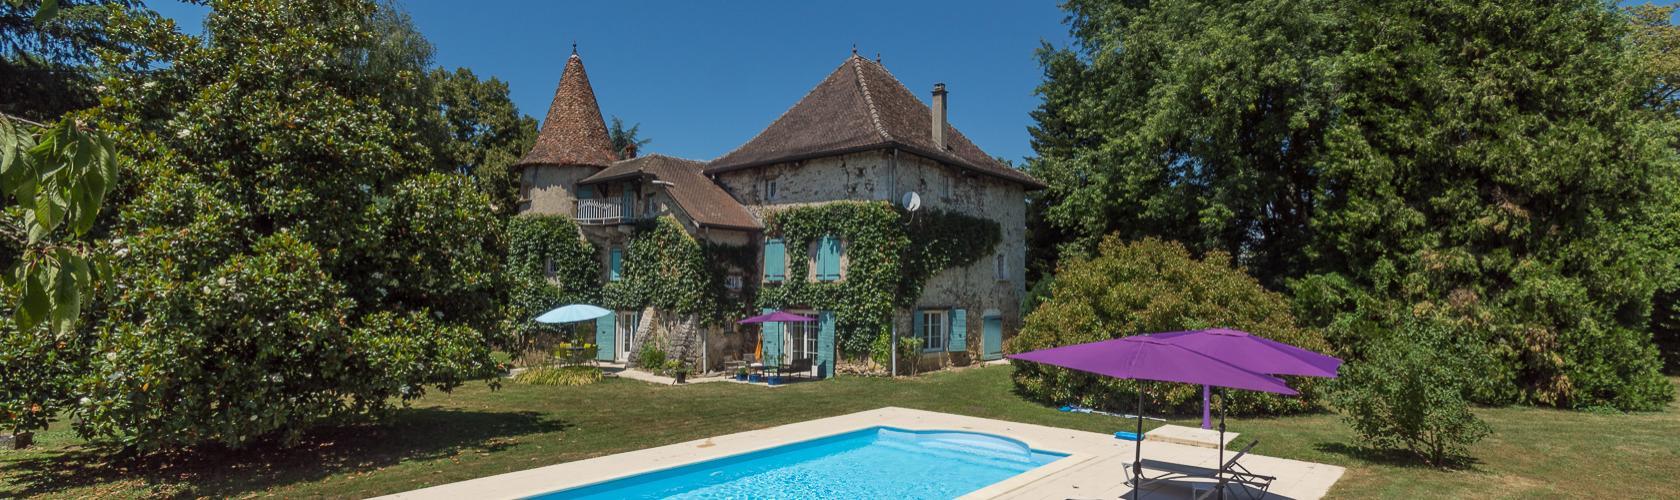 Location Gîtes Isère- Location Chambres D'hôte - Vacances ... destiné Piscine Les Abrets